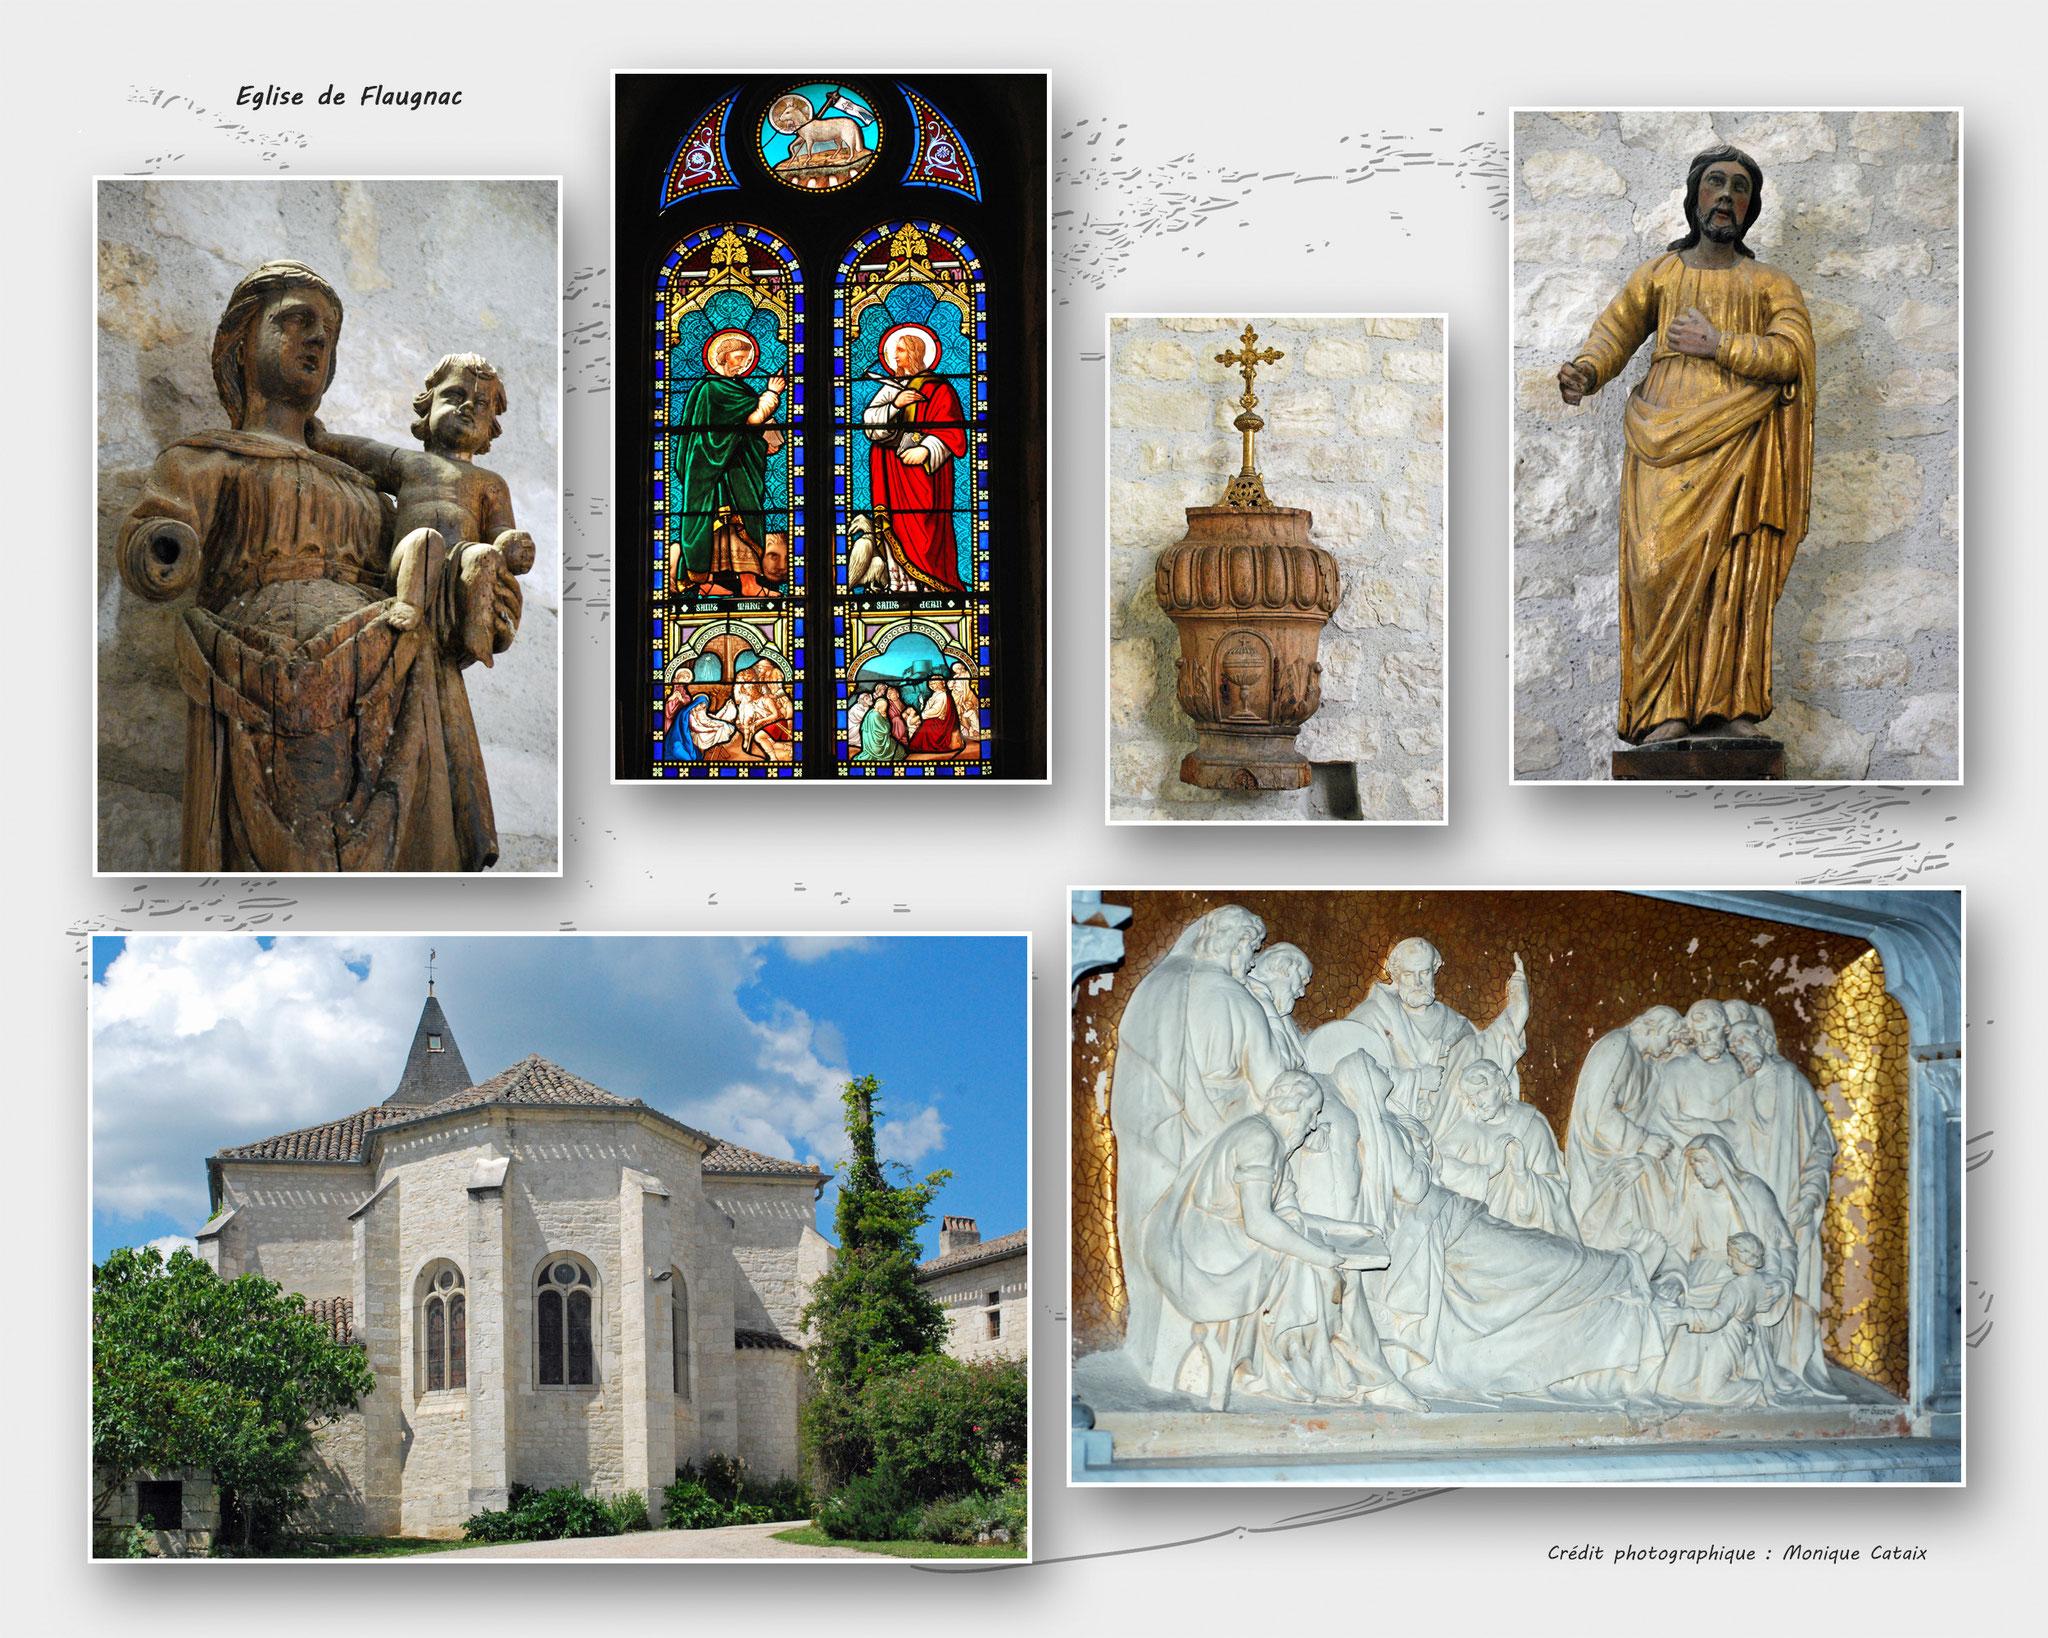 Eglise de Flaugnac